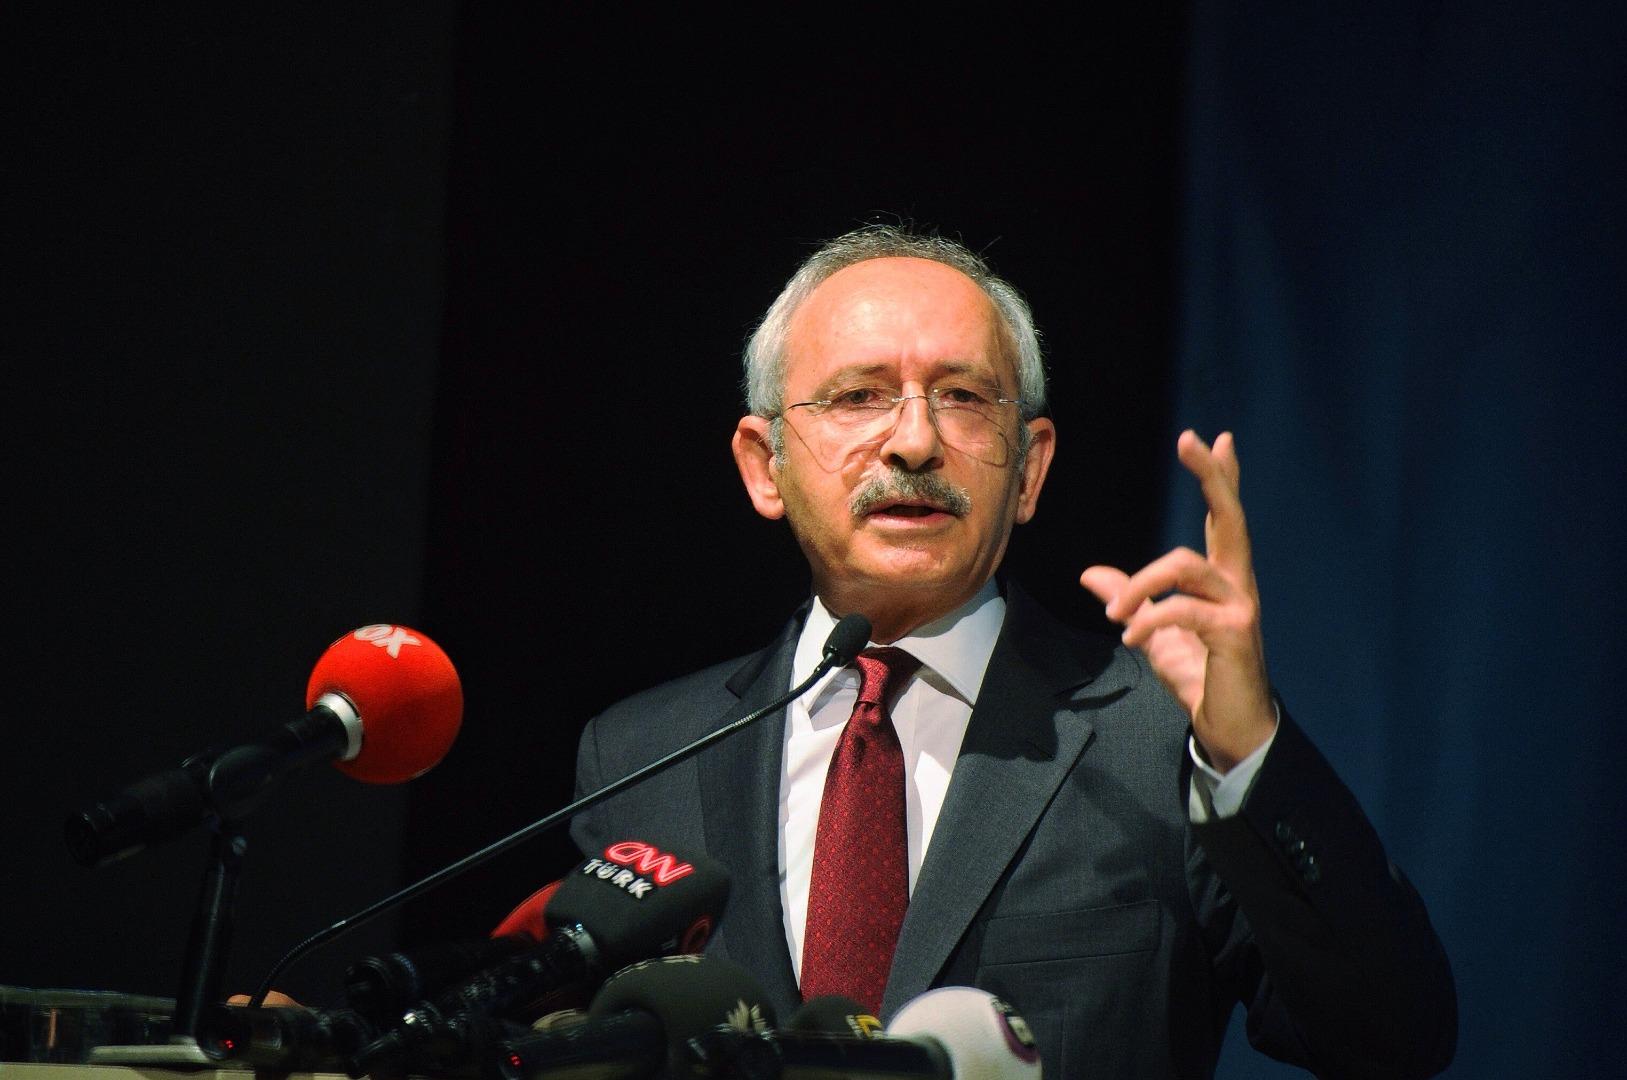 Millet ittifakı karışıyor! CHP ve İYİ Parti arasında cumhurbaşkanı adayı krizi! İmamoğlu, Kılıçdaroğlu'nun adaylığından rahatsız